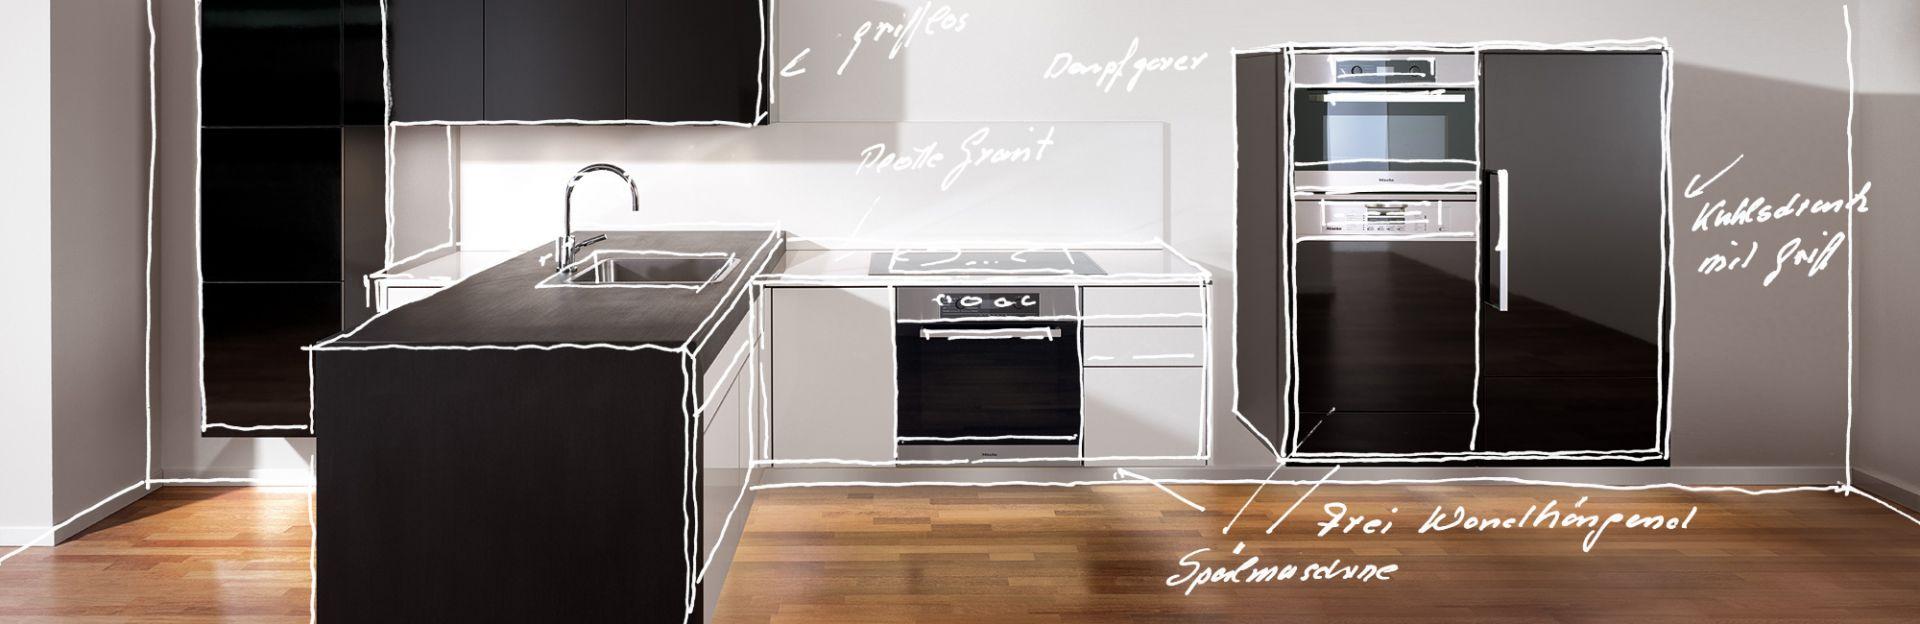 Startseite - Böhm Küchen